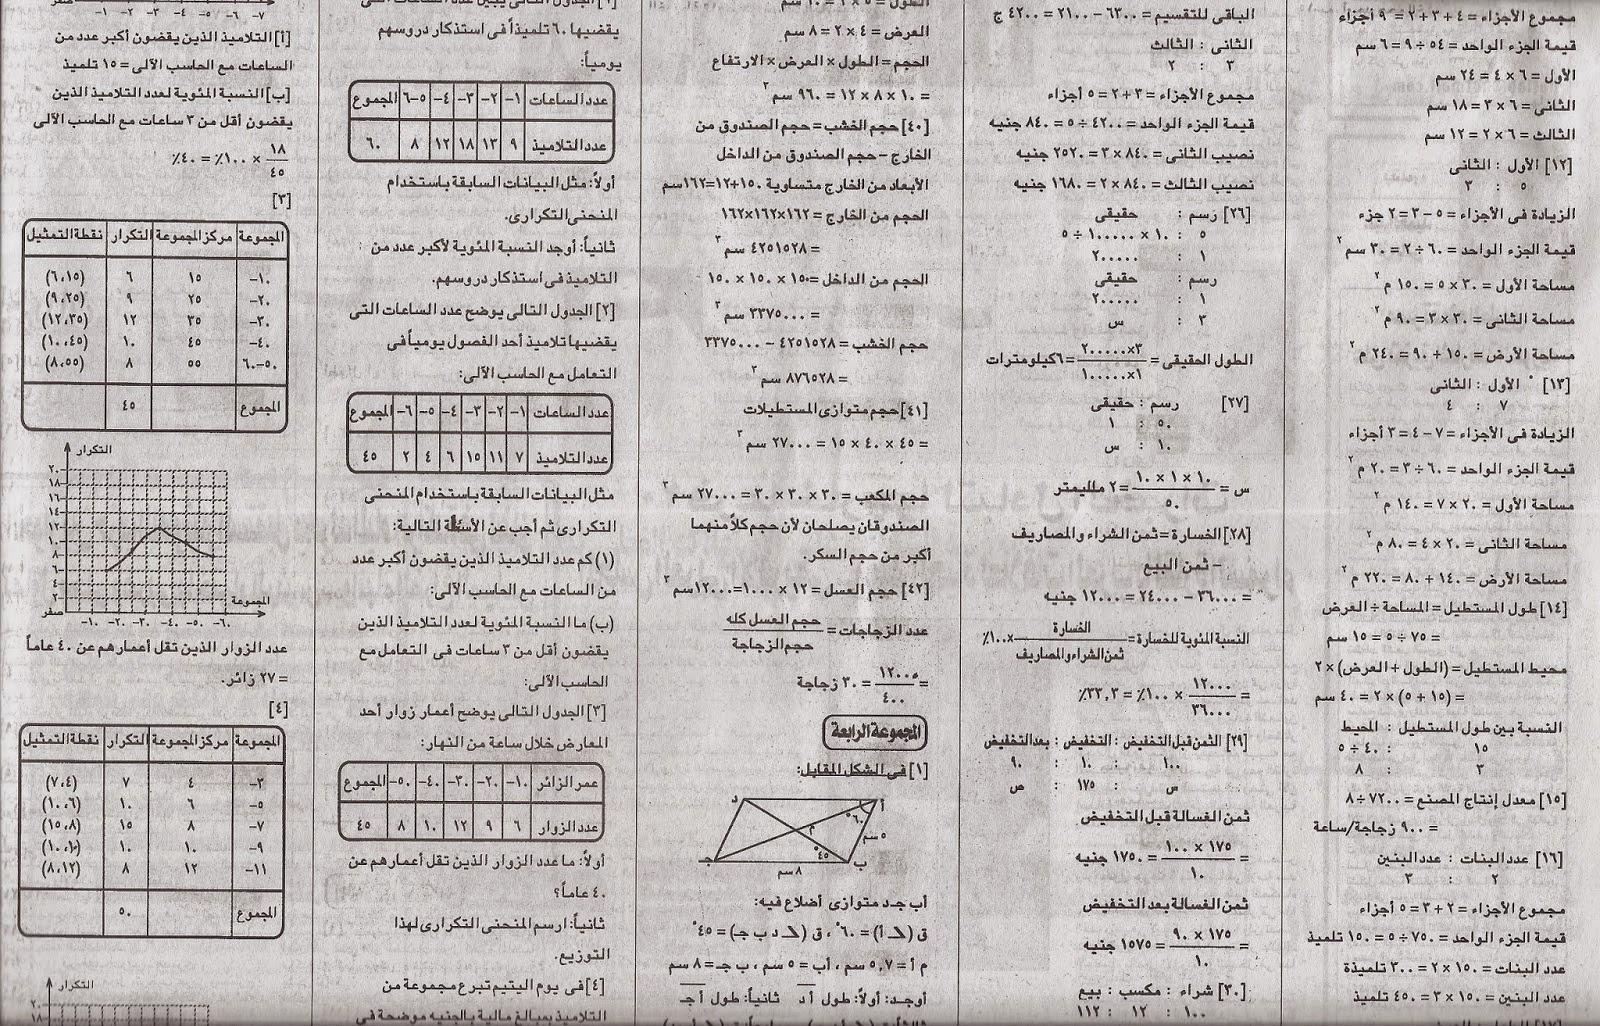 كل مراجعات ملاحق الجمهورية للترم الأول 2015 للشهادة الإبتدائية المنهاج المصري scan0061.jpg